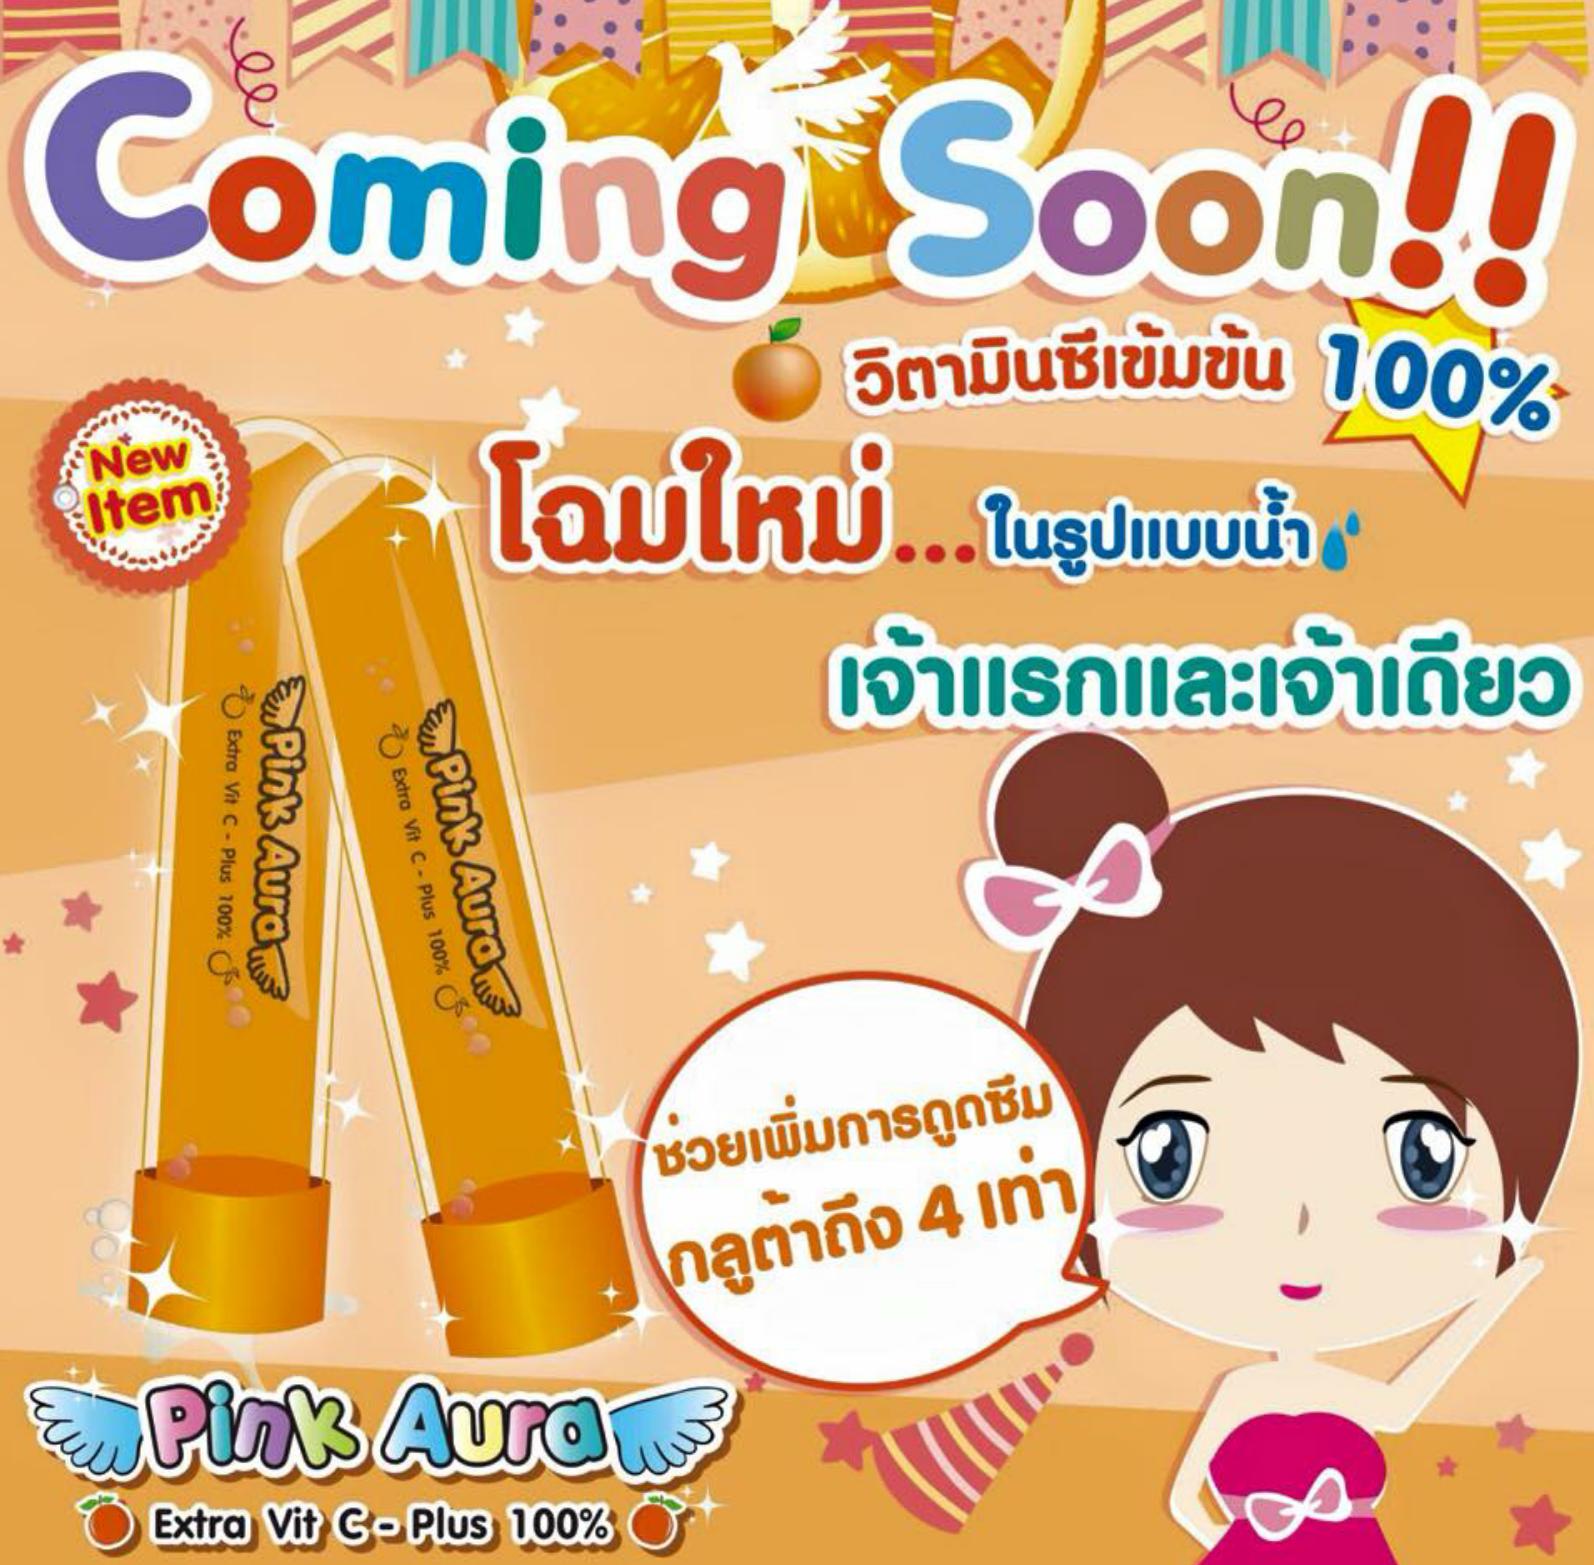 พิงค์ออร่า เอ็กตร้า วิตามินซี พลัส 100% (Pink Aura Extra Vitamin C Plus)